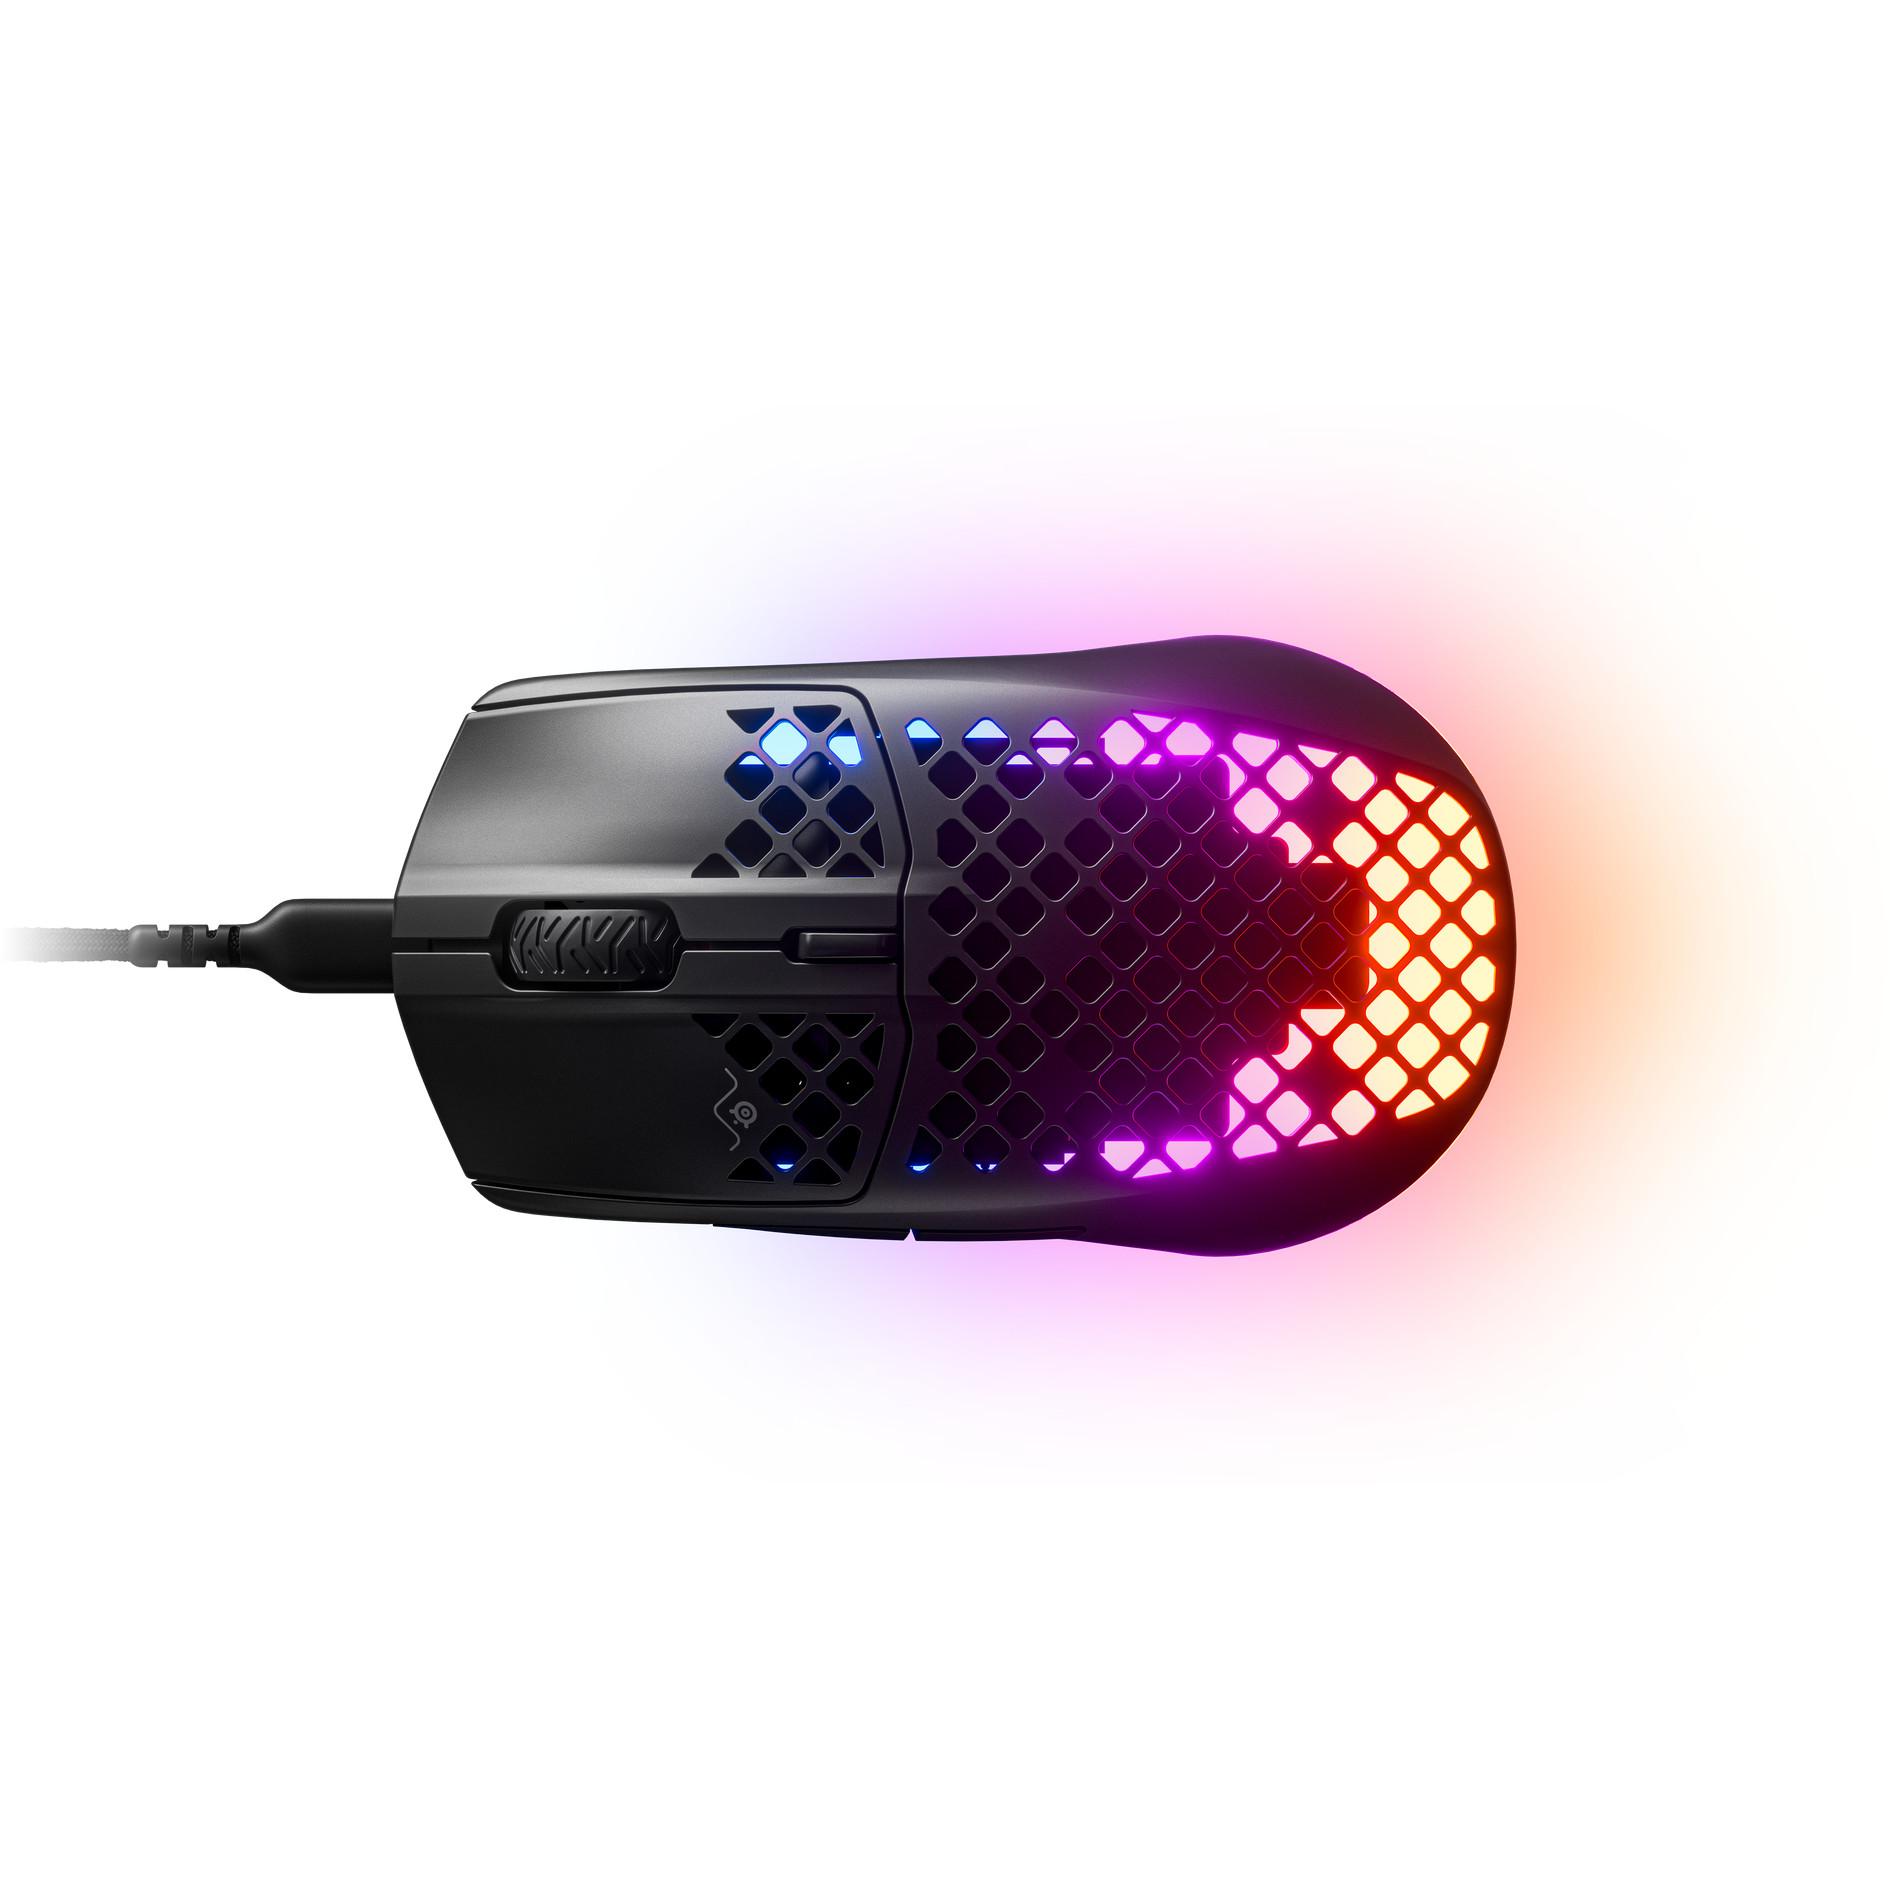 Chuột gaming Steelseries Aerox 3 - Hàng chính hãng